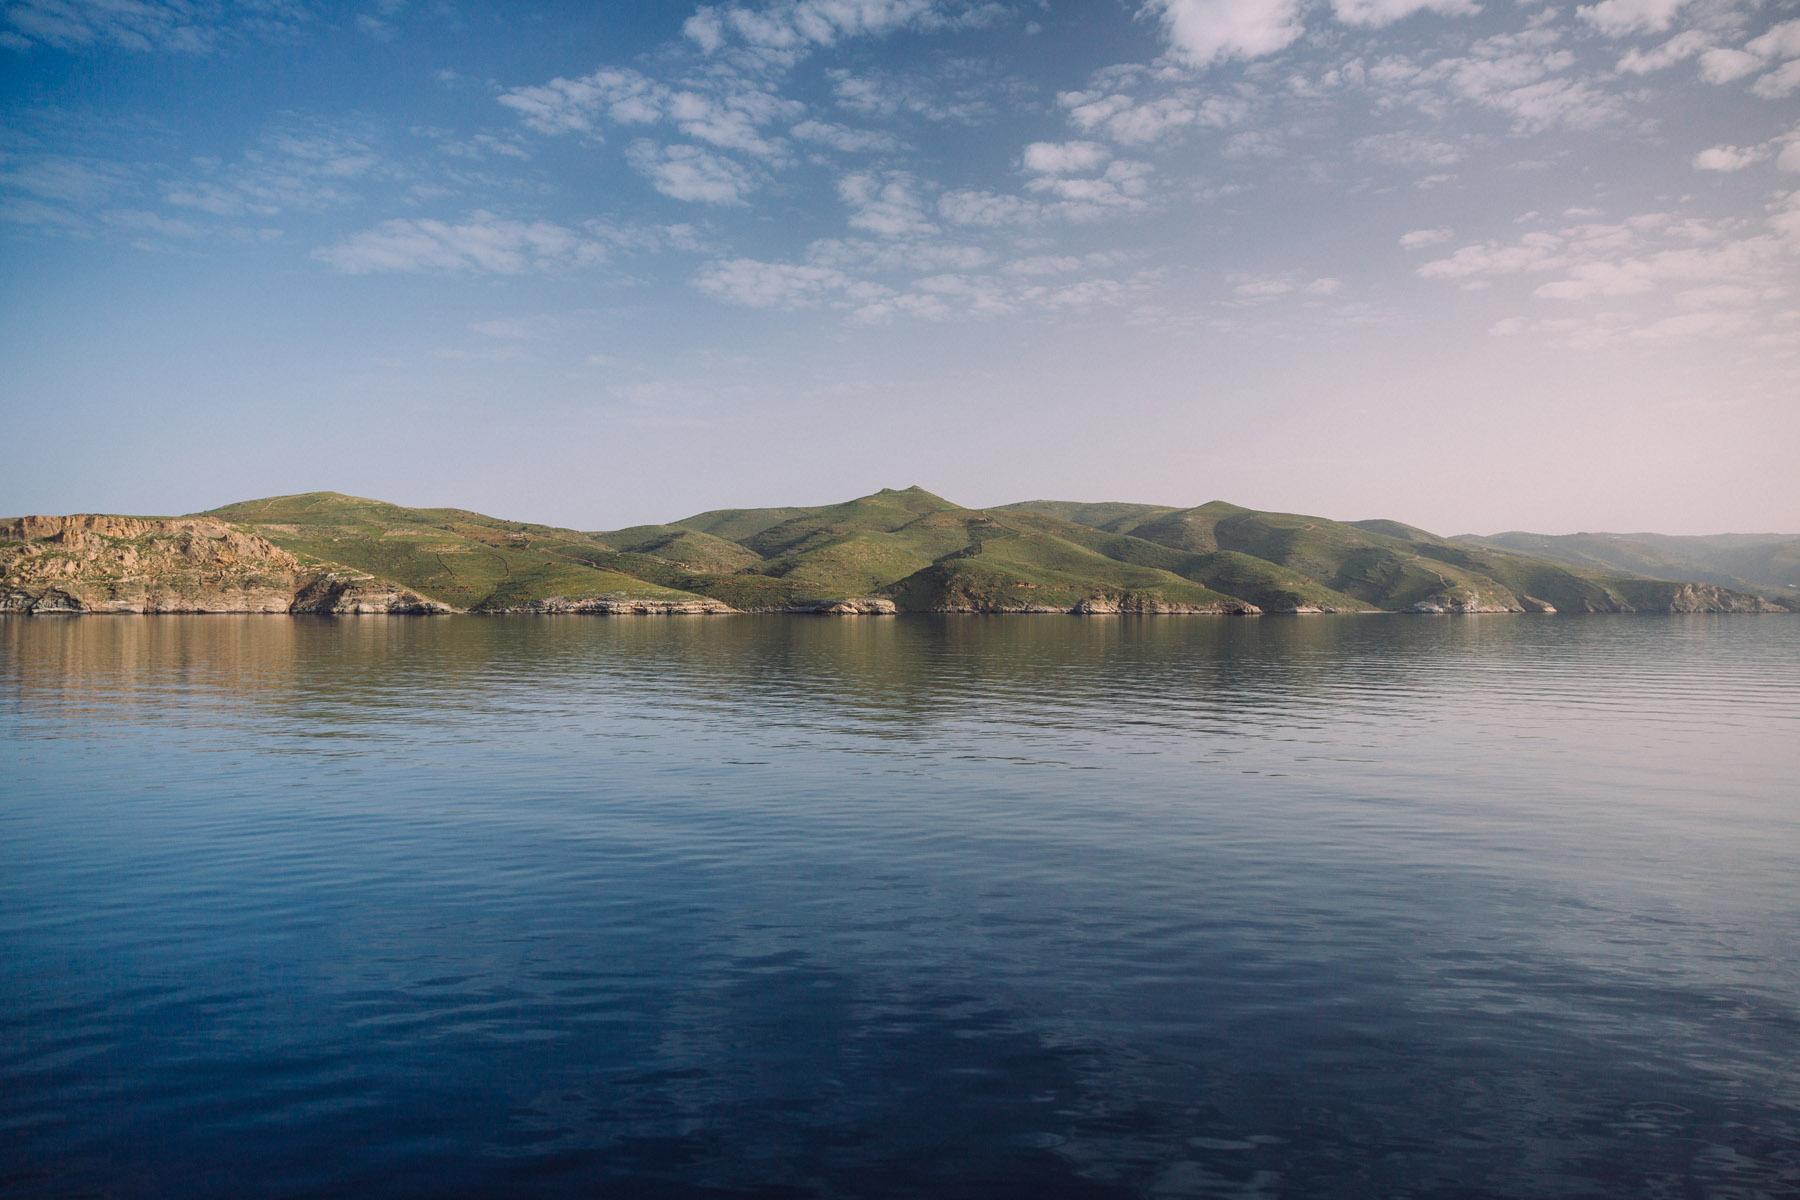 the island of Kea, en route to Mykonos